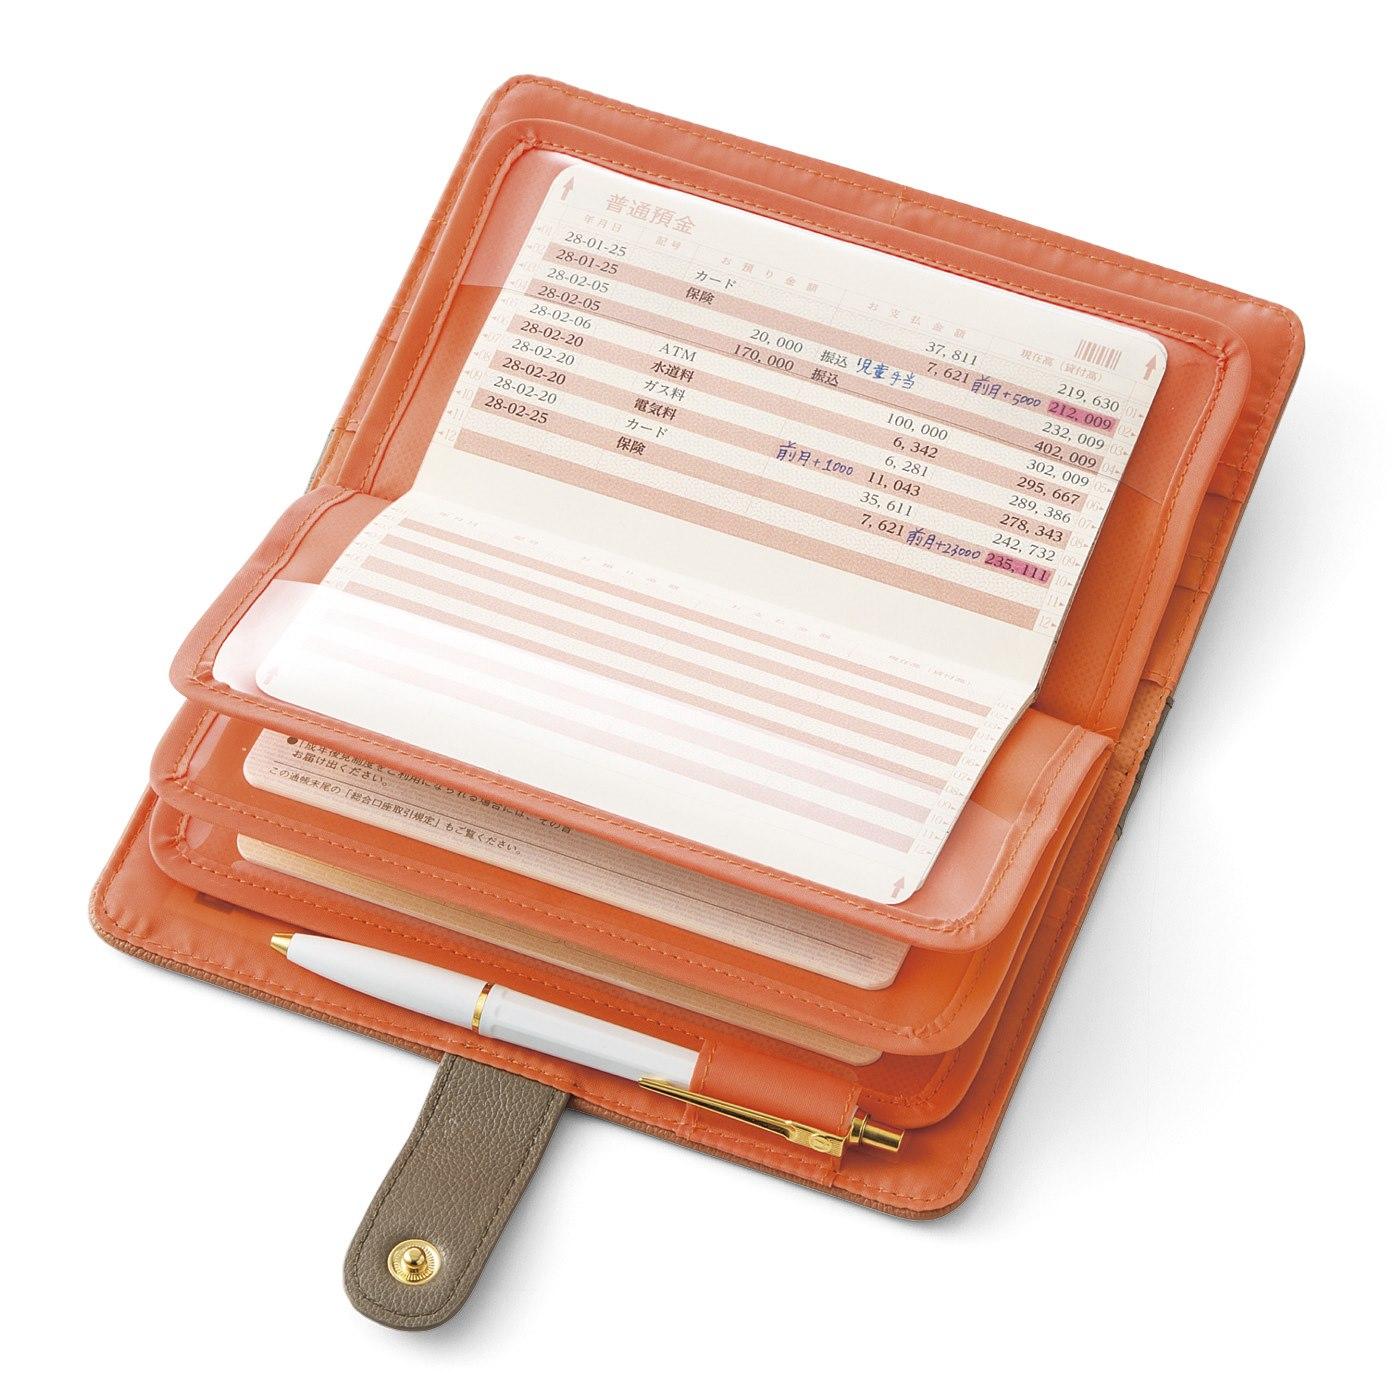 見たいページを開いたまま3冊収納OK。ペンホルダー付きでいつでもどこでも手早く書き込める!!